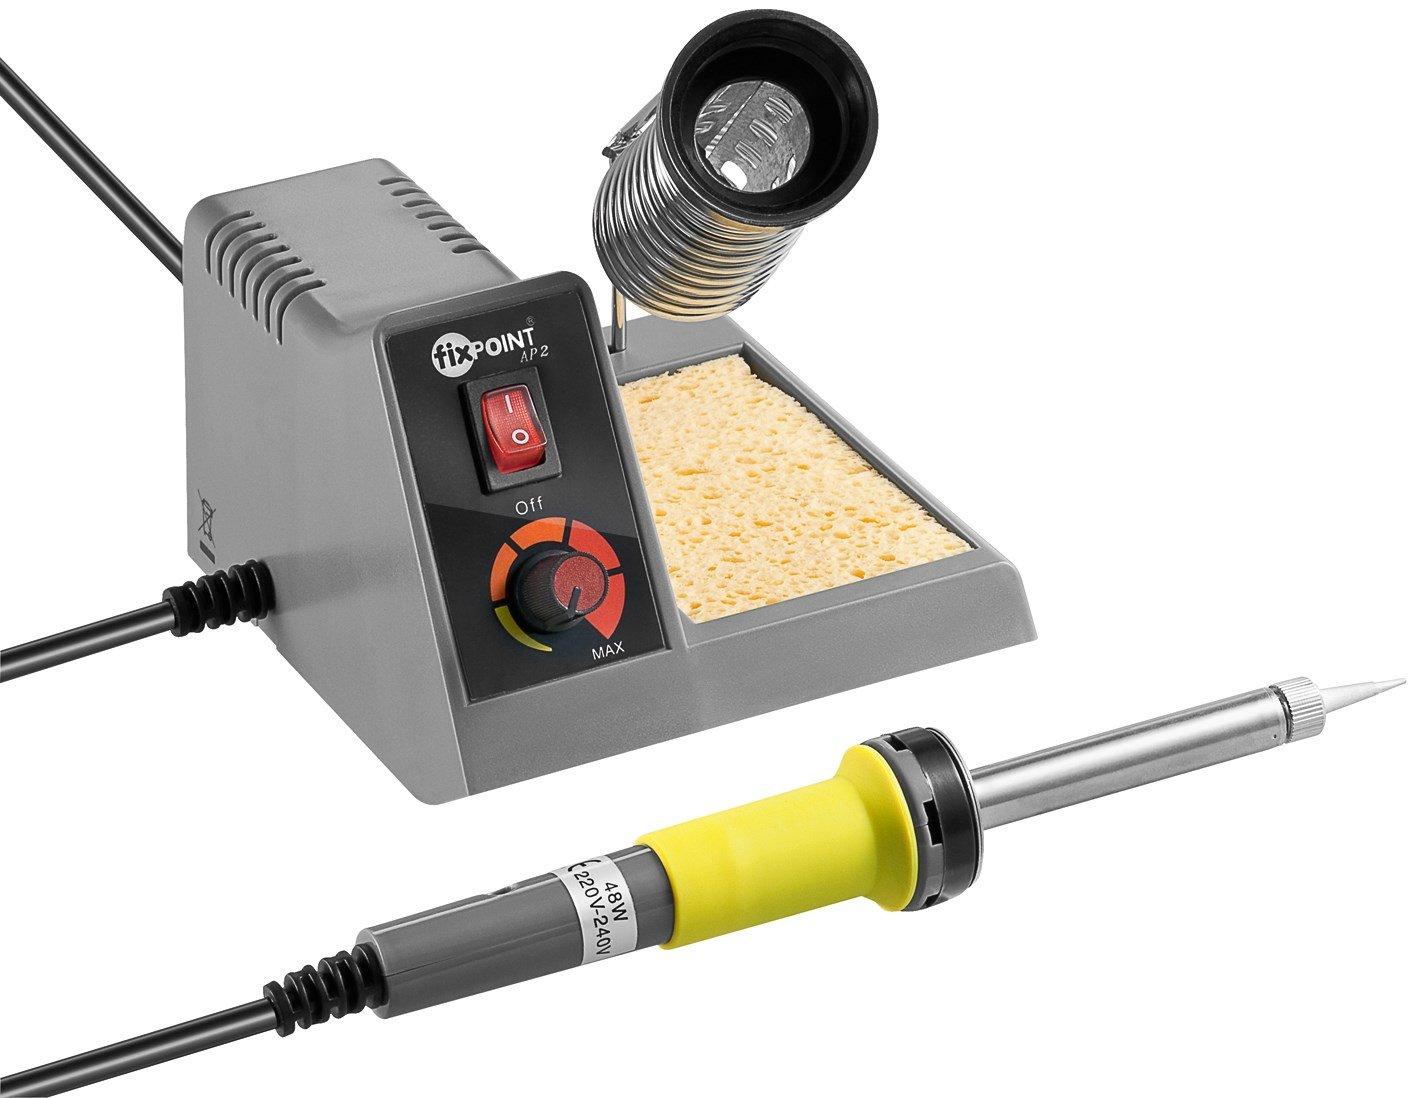 Fixpoint 51091, Estació n de soldadura ajustable de 150-450 grados de calentamiento rá pido para soldadura profesional, gris Estación de soldadura ajustable de 150-450 grados de calentamiento rápido para soldadura profesional Wentronic